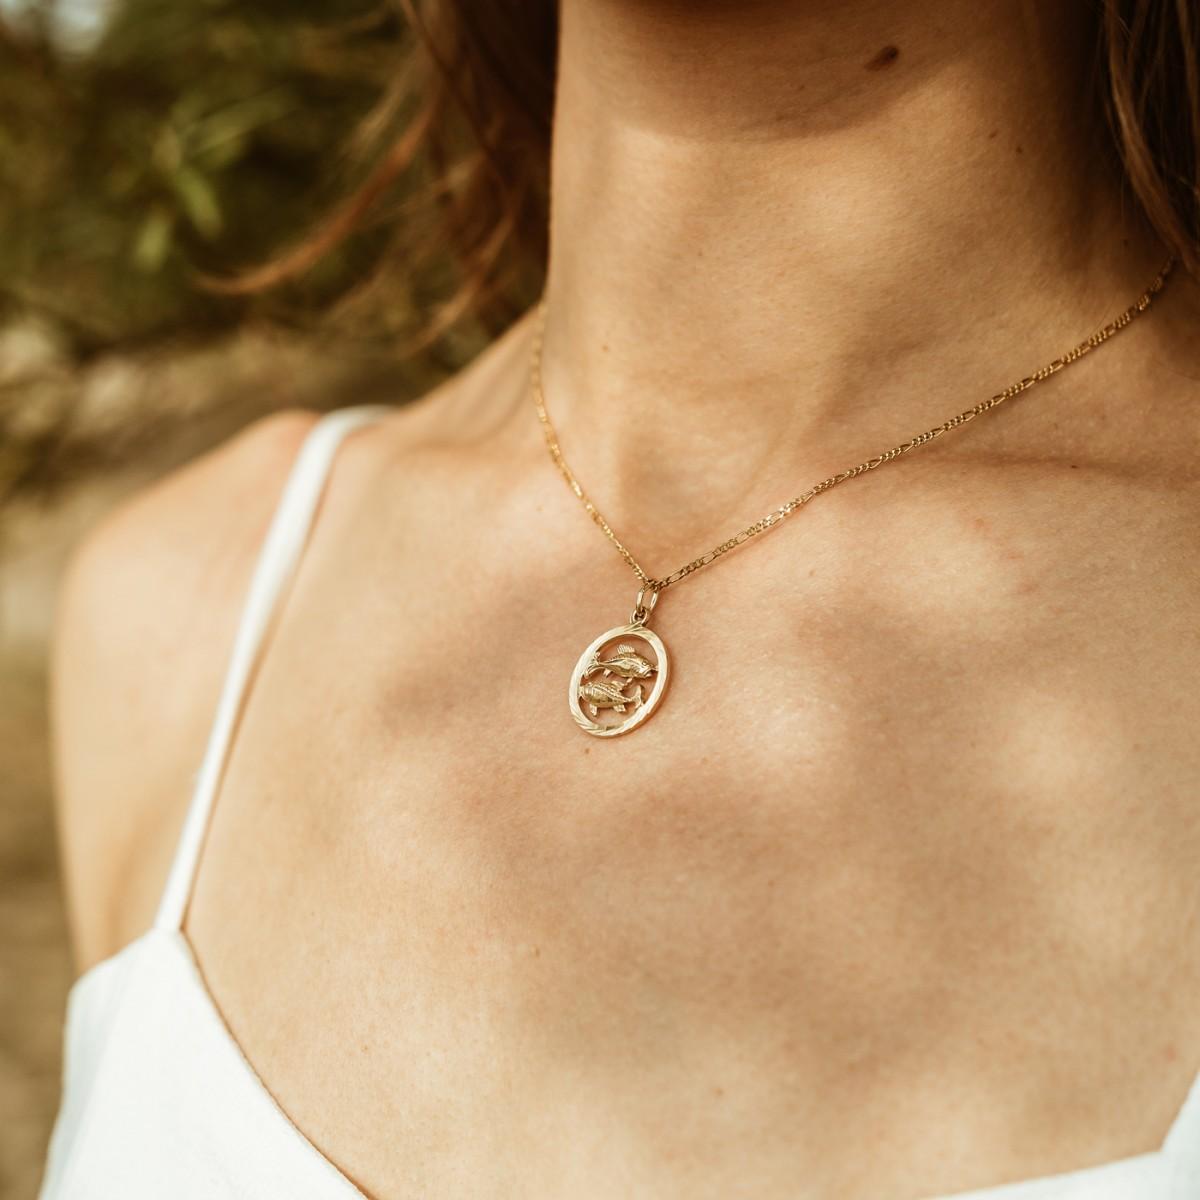 ST'ATOUR PISCES // FISCHE – Sternzeichenkette in Gold, Silber oder Roségold